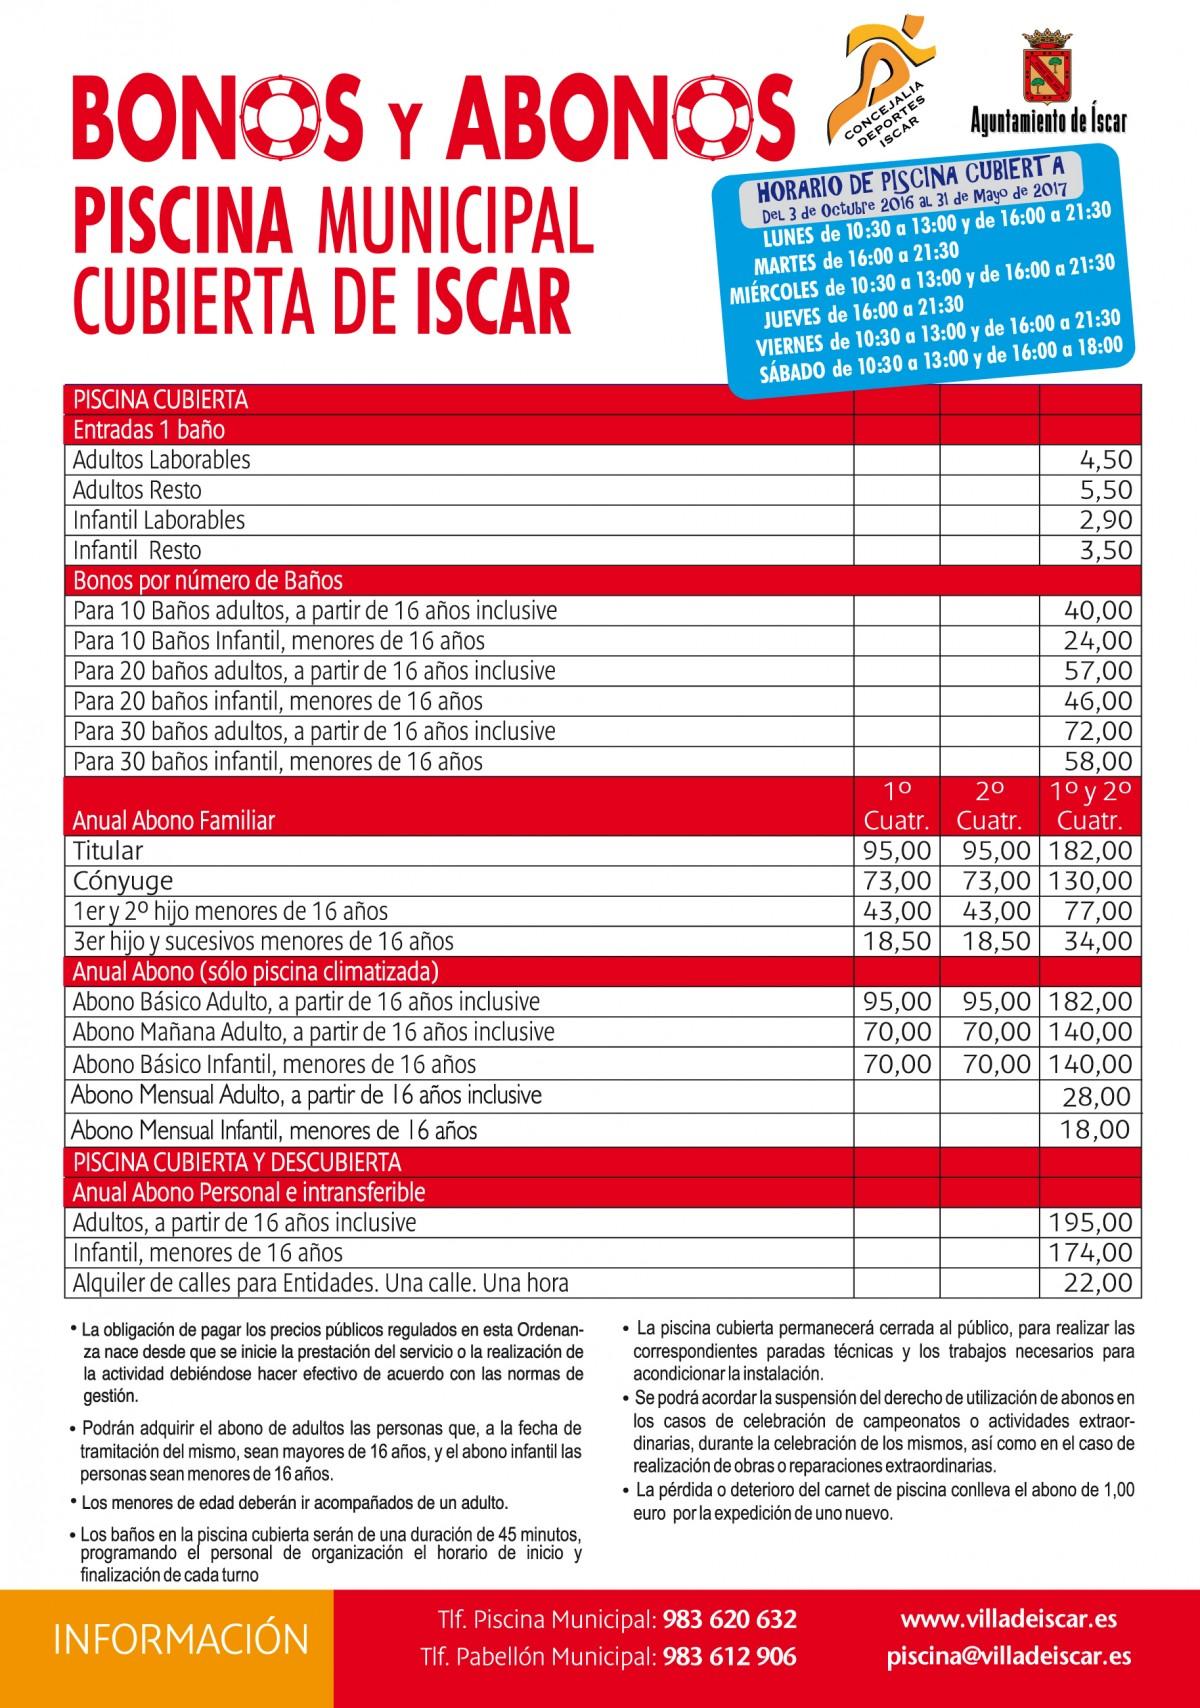 Precios de bonos y abonos piscina cubierta villa de scar for Horario piscina alaquas